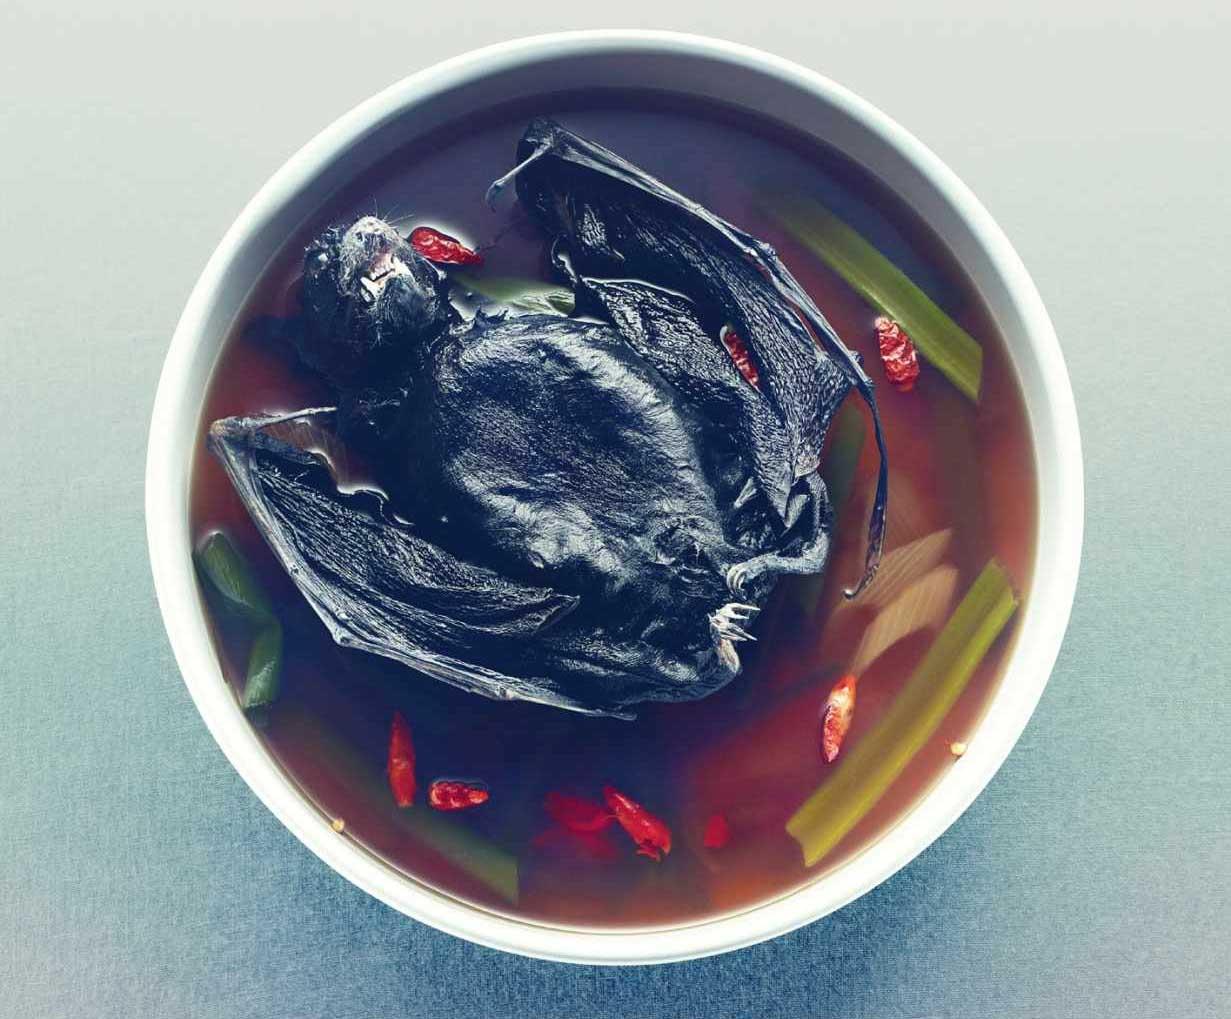 Phát khiếp với đặc sản súp dơi nguyên con - 7